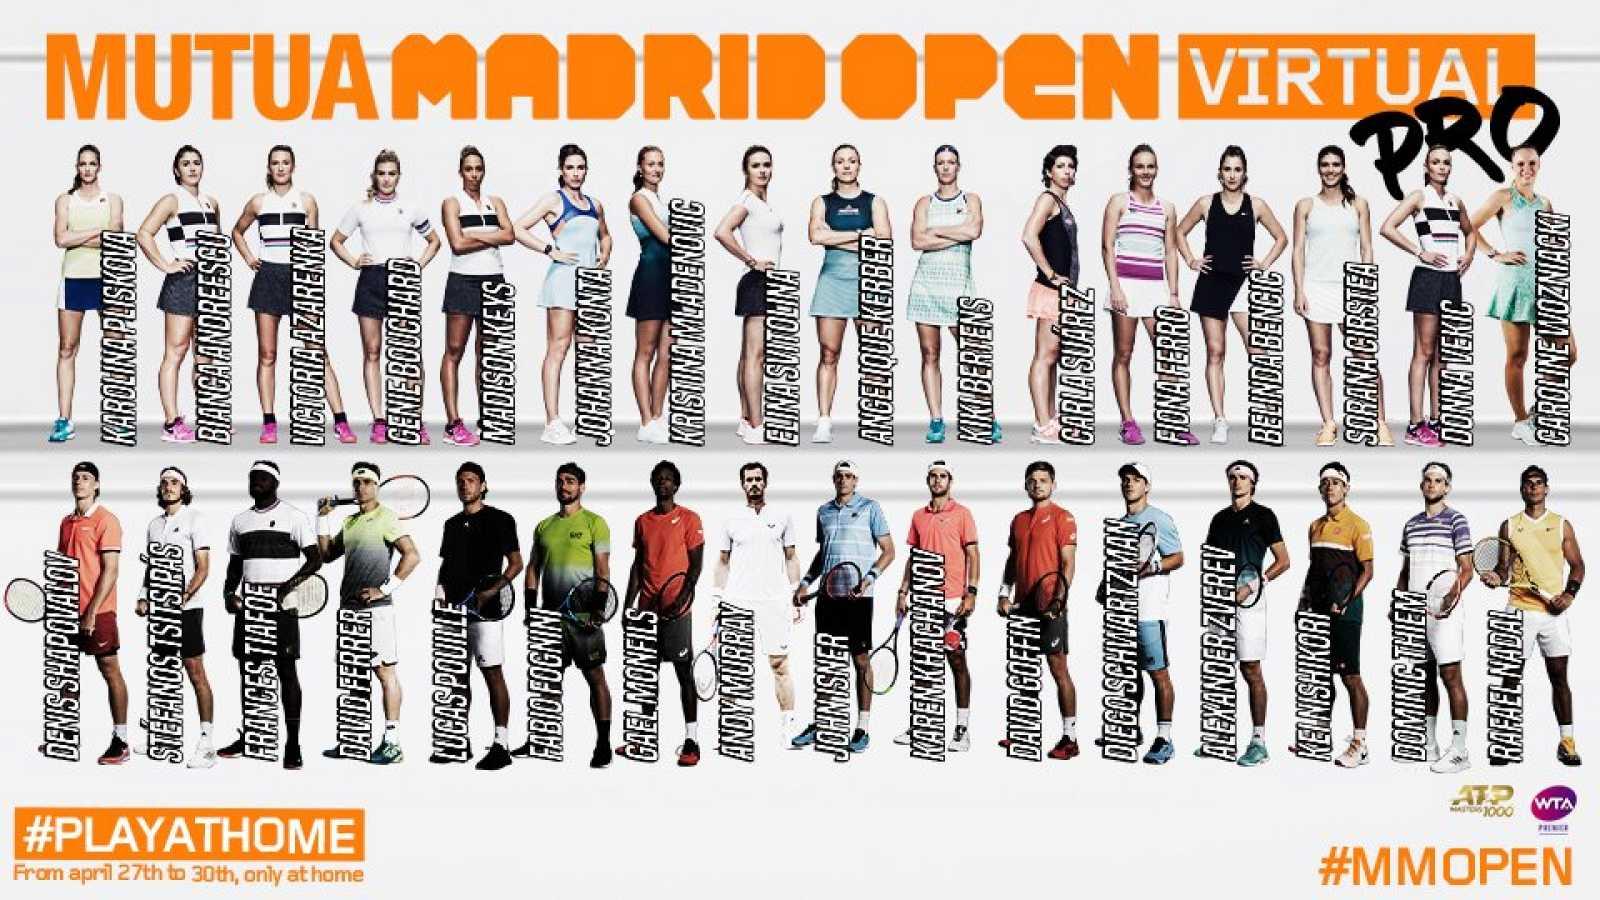 Imagen: Tenistas participantes en el Mutua Madrid Open virtual